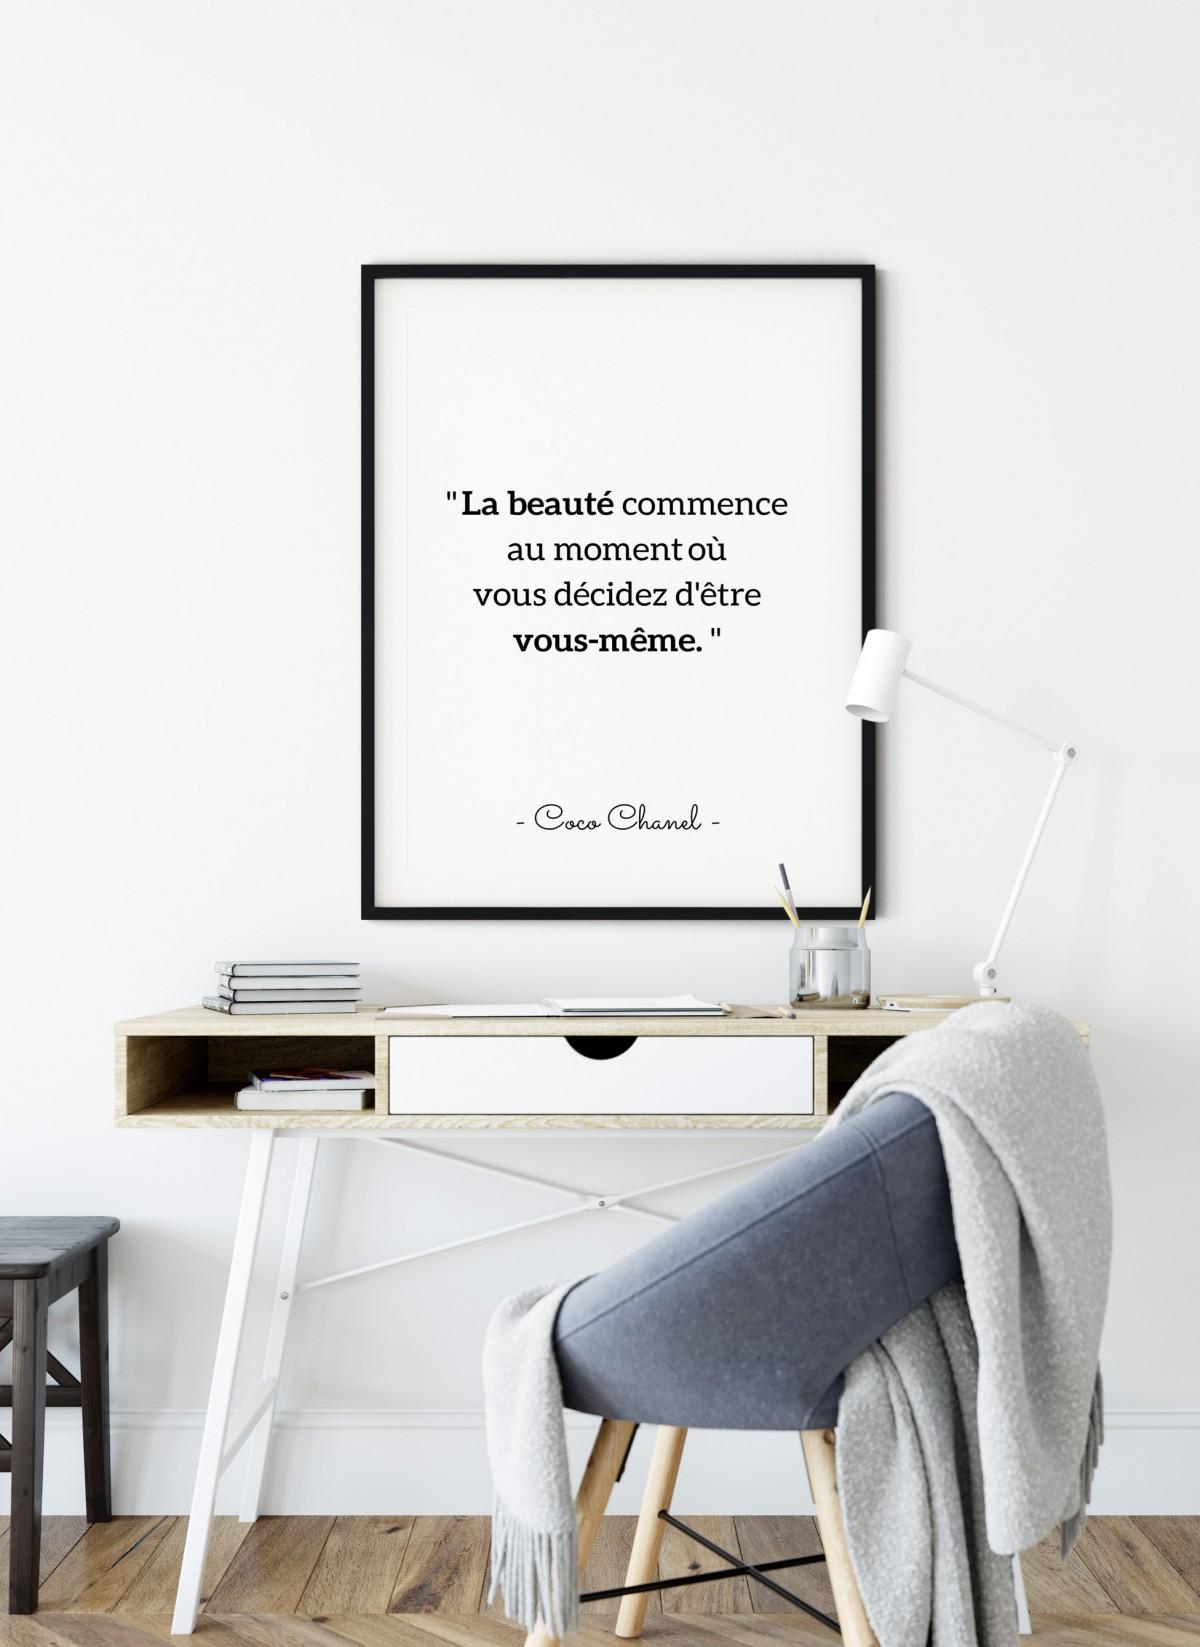 Affiche Citation Coco Chanel La Beauté Commence